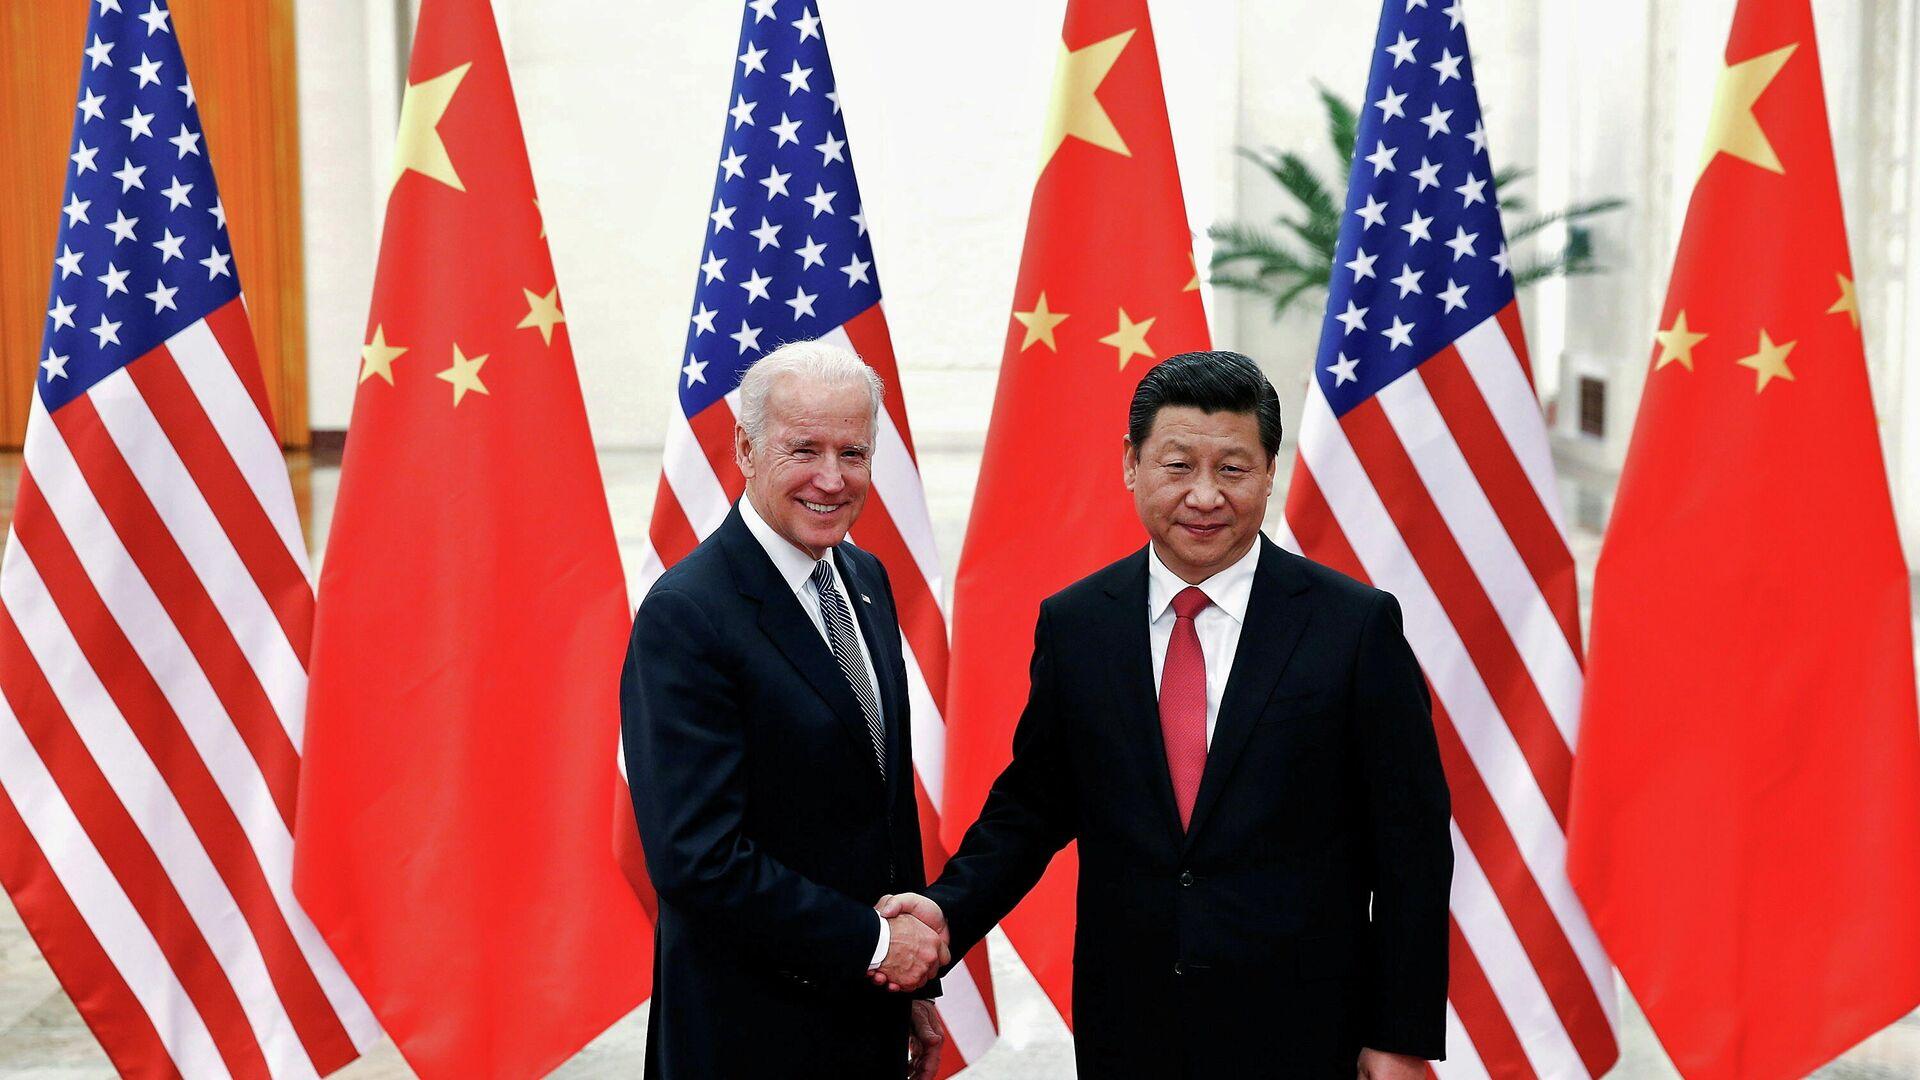 El presidente chino, Xi Jinping, junto al mandatario estadounidense Joe Biden - Sputnik Mundo, 1920, 15.09.2021